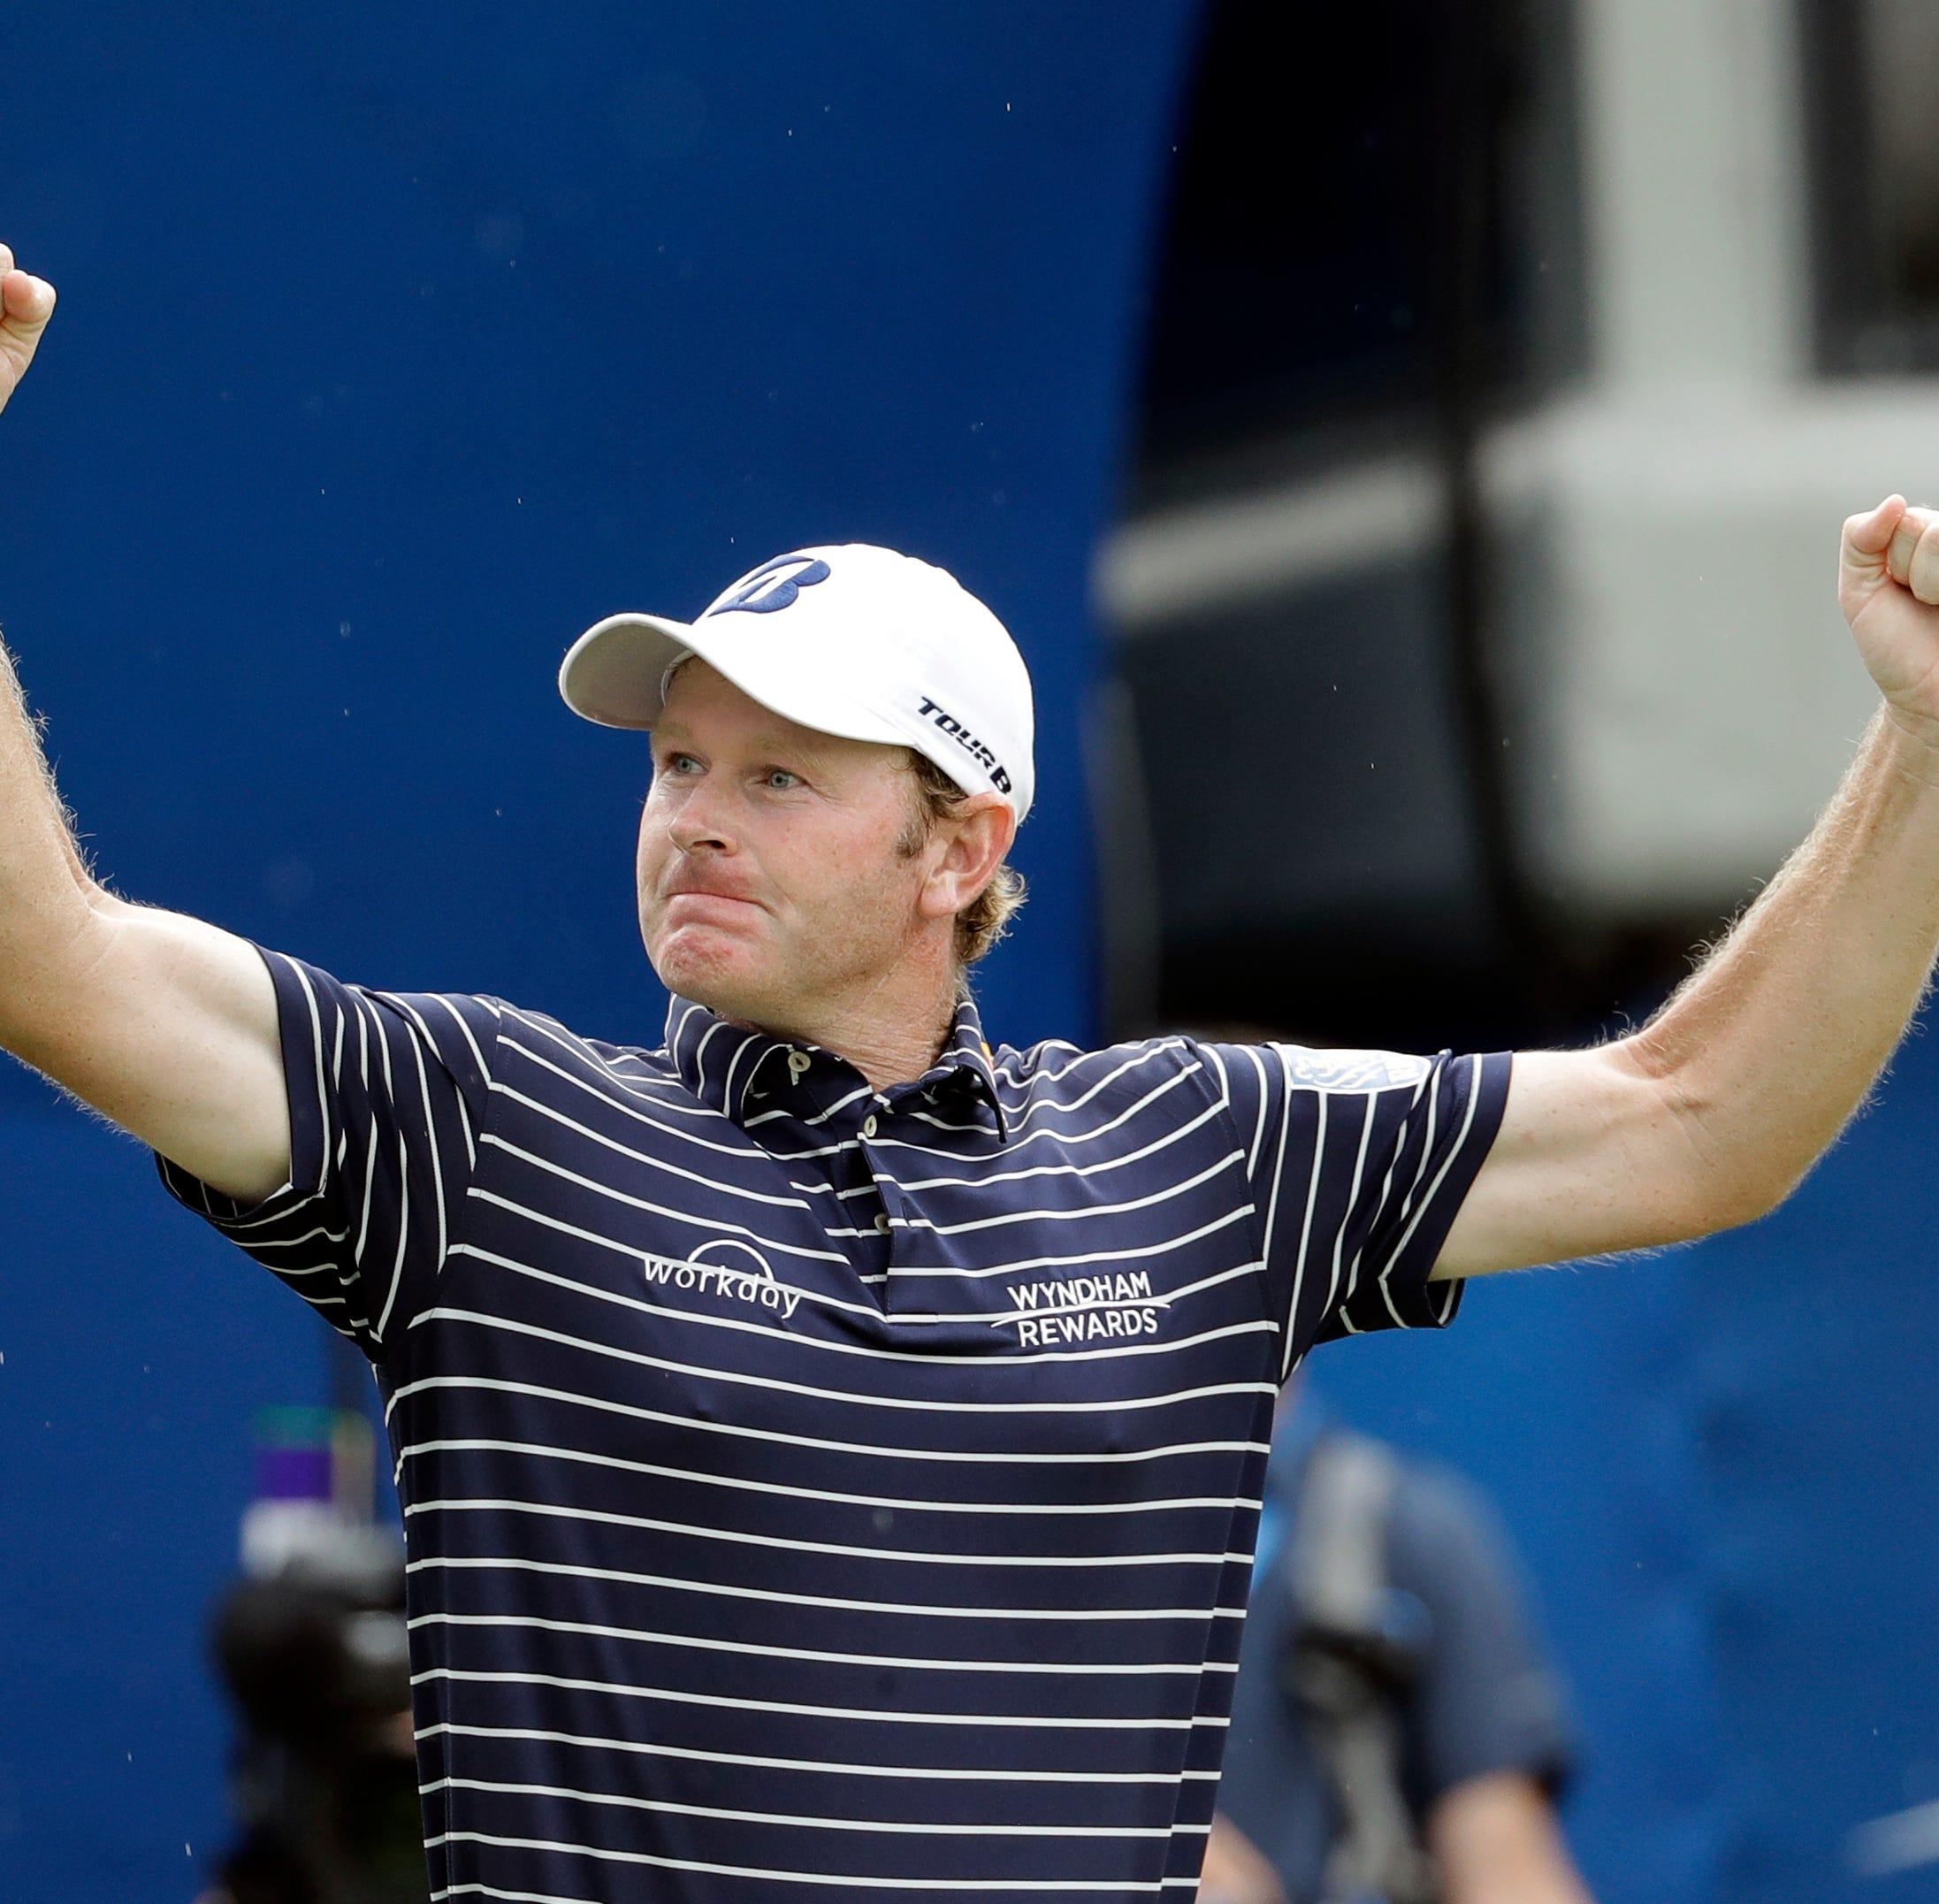 Brandt Snedeker wins Wyndham Championship